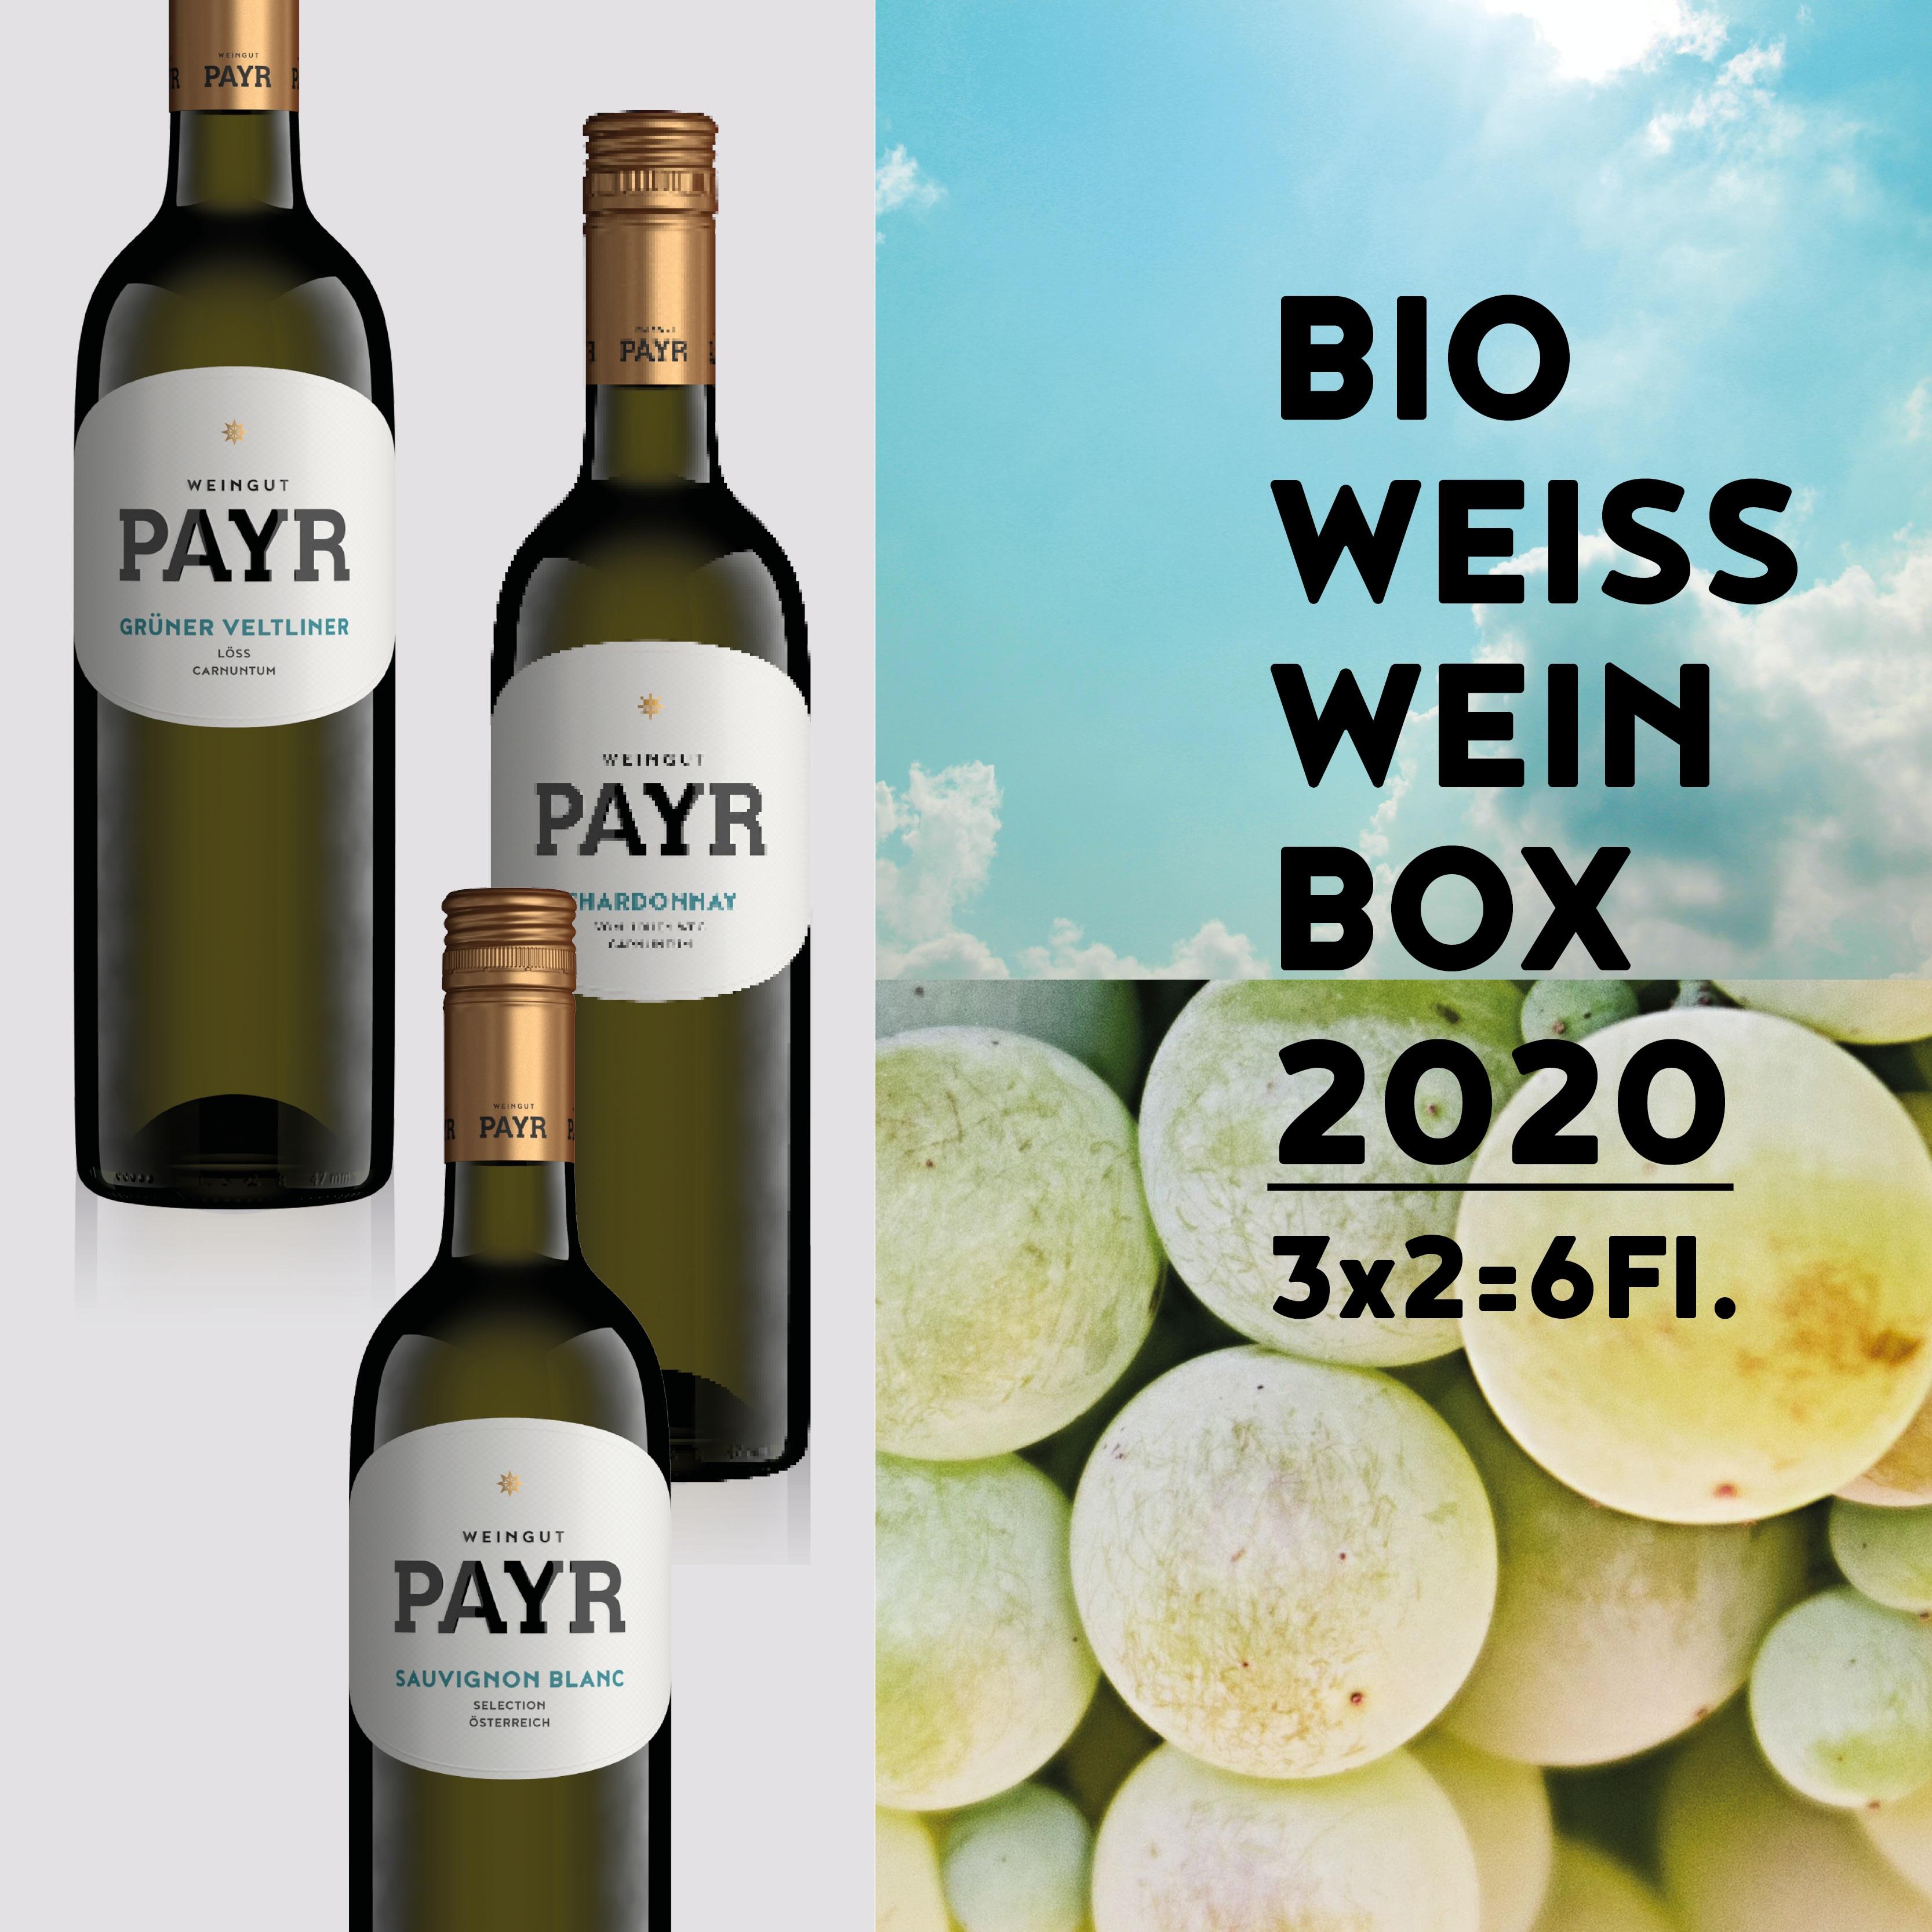 Weinflasche BIO WEISSWEIN BOX